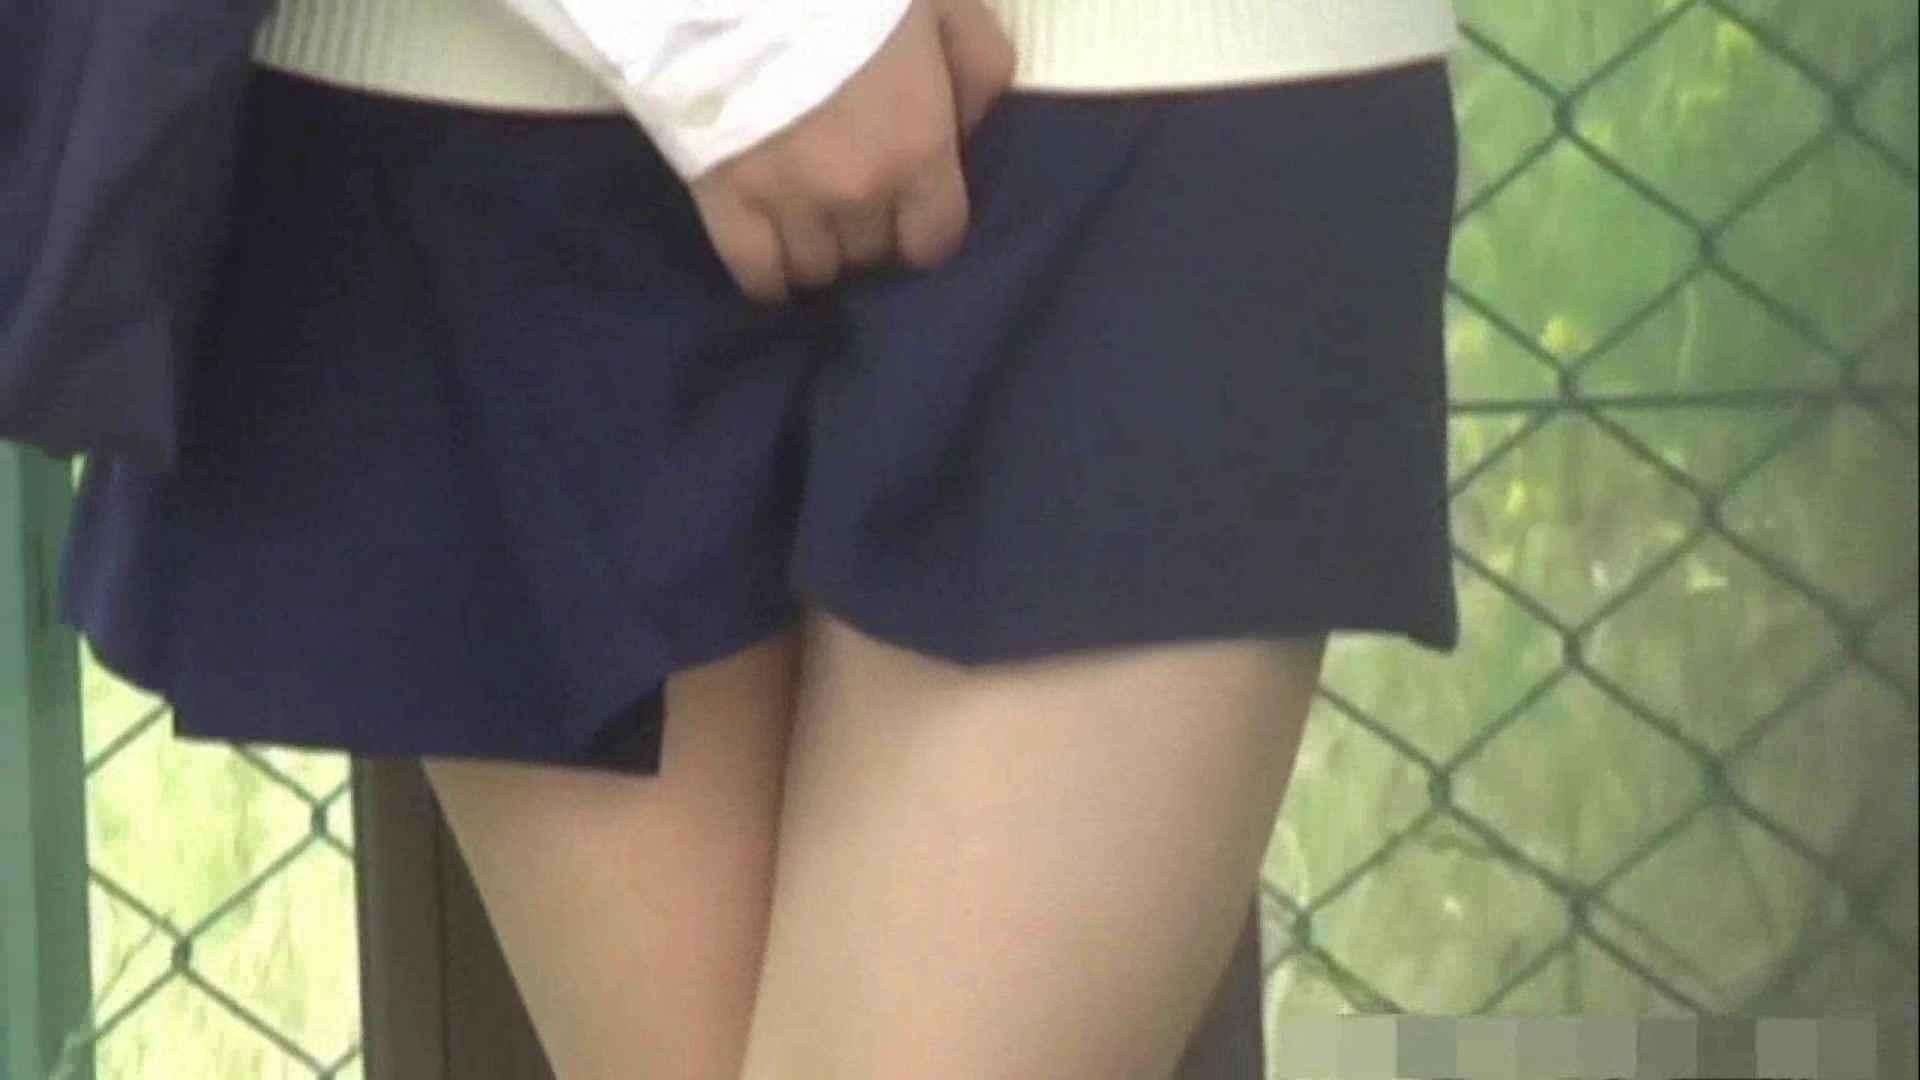 アヘ顔のわたしってどうかしら Vol.043 エッチな乙女 ワレメ動画紹介 49pic 11